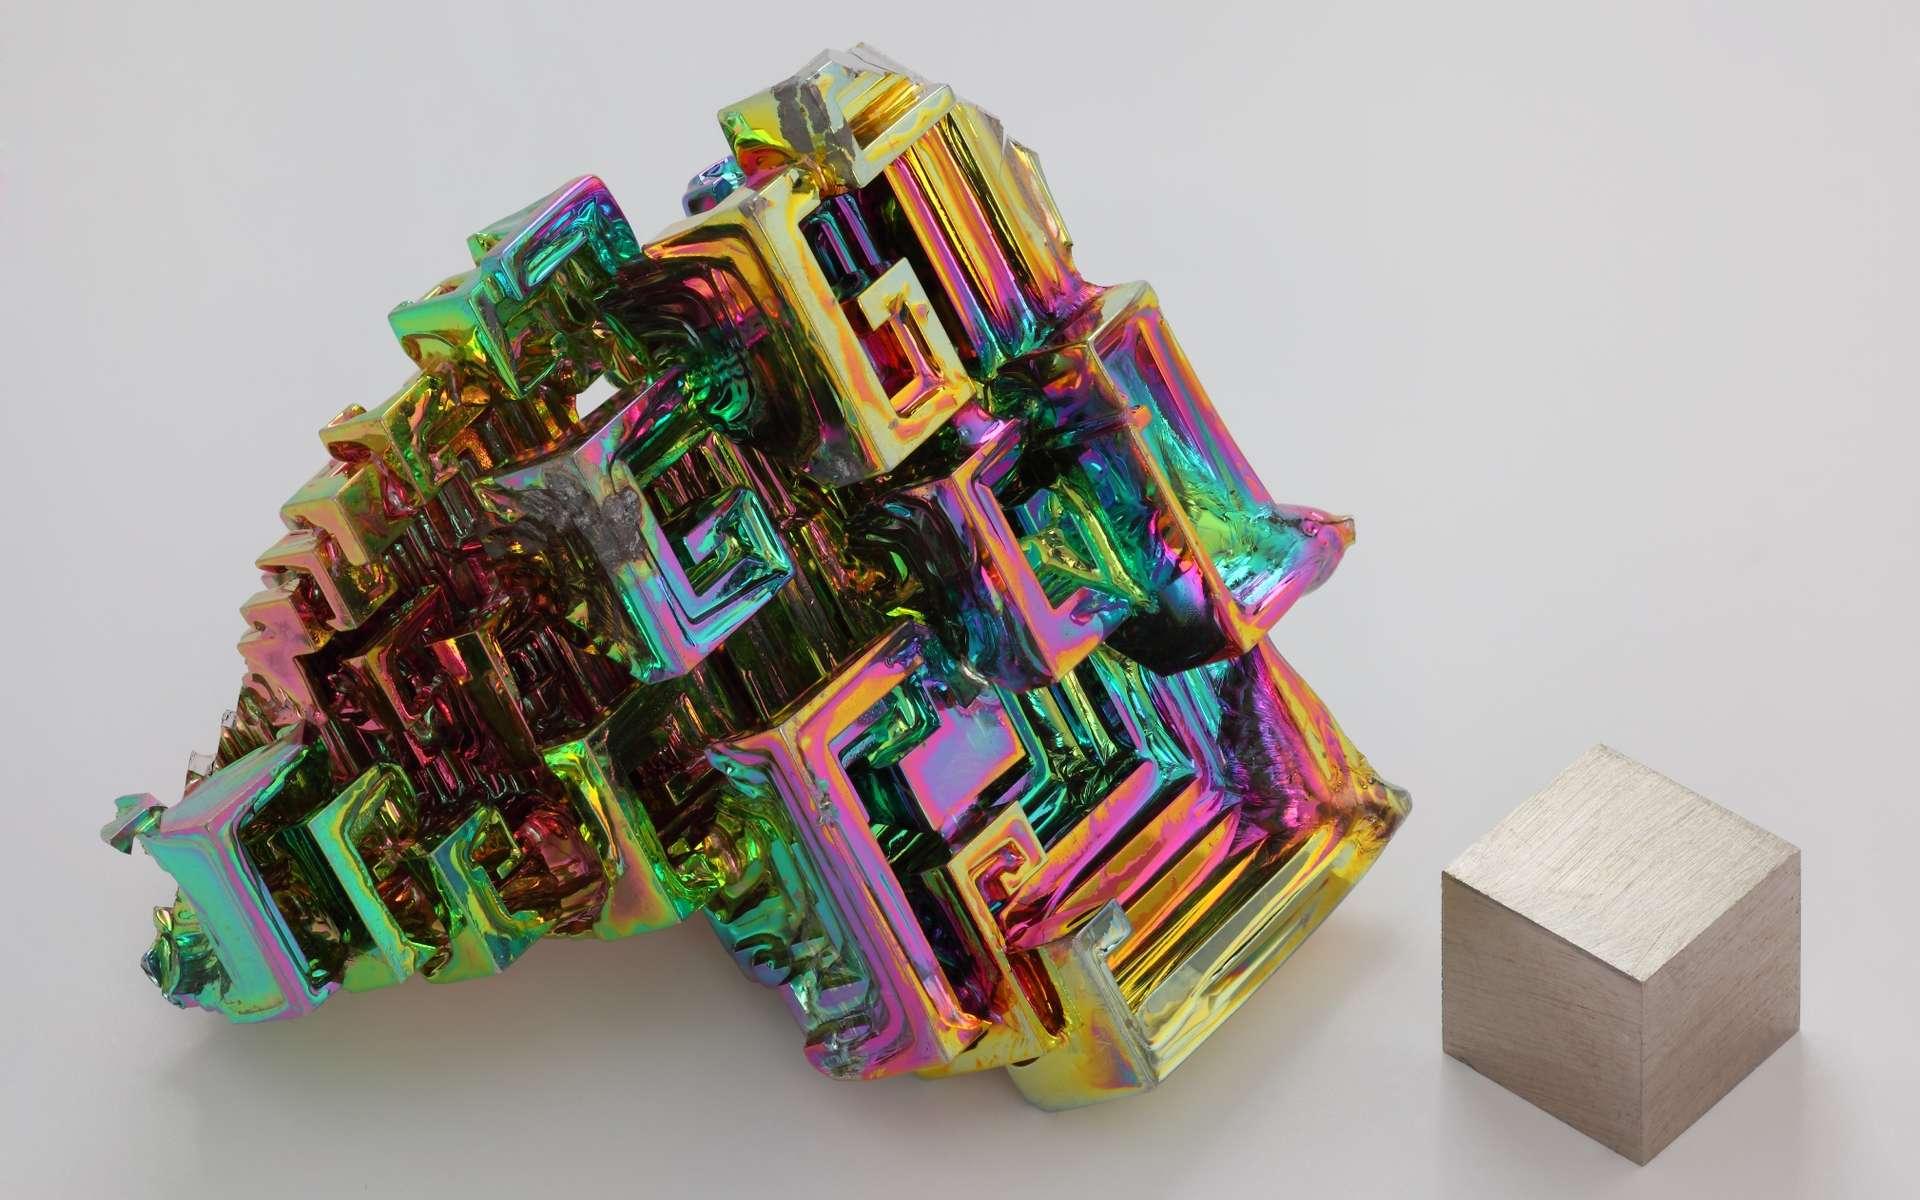 Le bismuth défie la théorie de la supraconductivité. Ici, cristal obtenu par cristallogenèse artificielle de bismuth métallique à côté d'un cube d'1 cm3 de bismuth pur à 99,99 %, pour comparaison de taille. L'irisation est due à une couche d'oxyde très mince. © Alchemist-hp, Wikipédia, CC by-sa 3.0